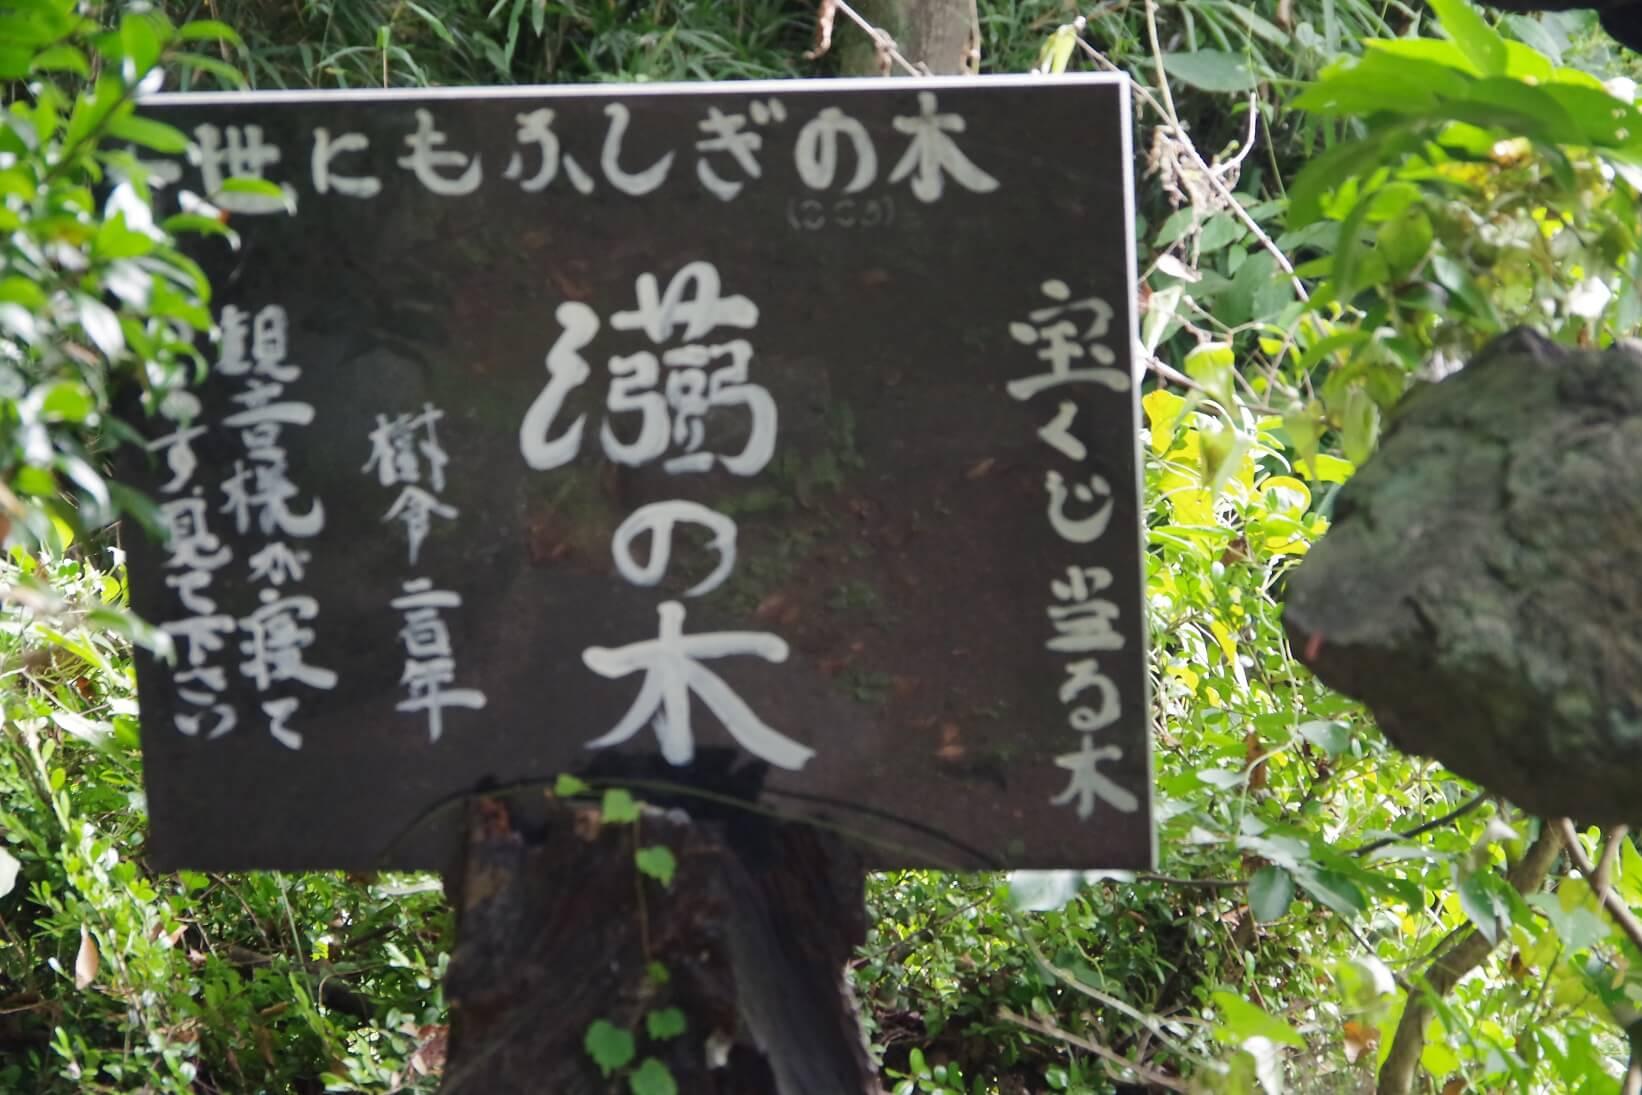 世にもふしぎの木 B級スポット 群馬県高崎市